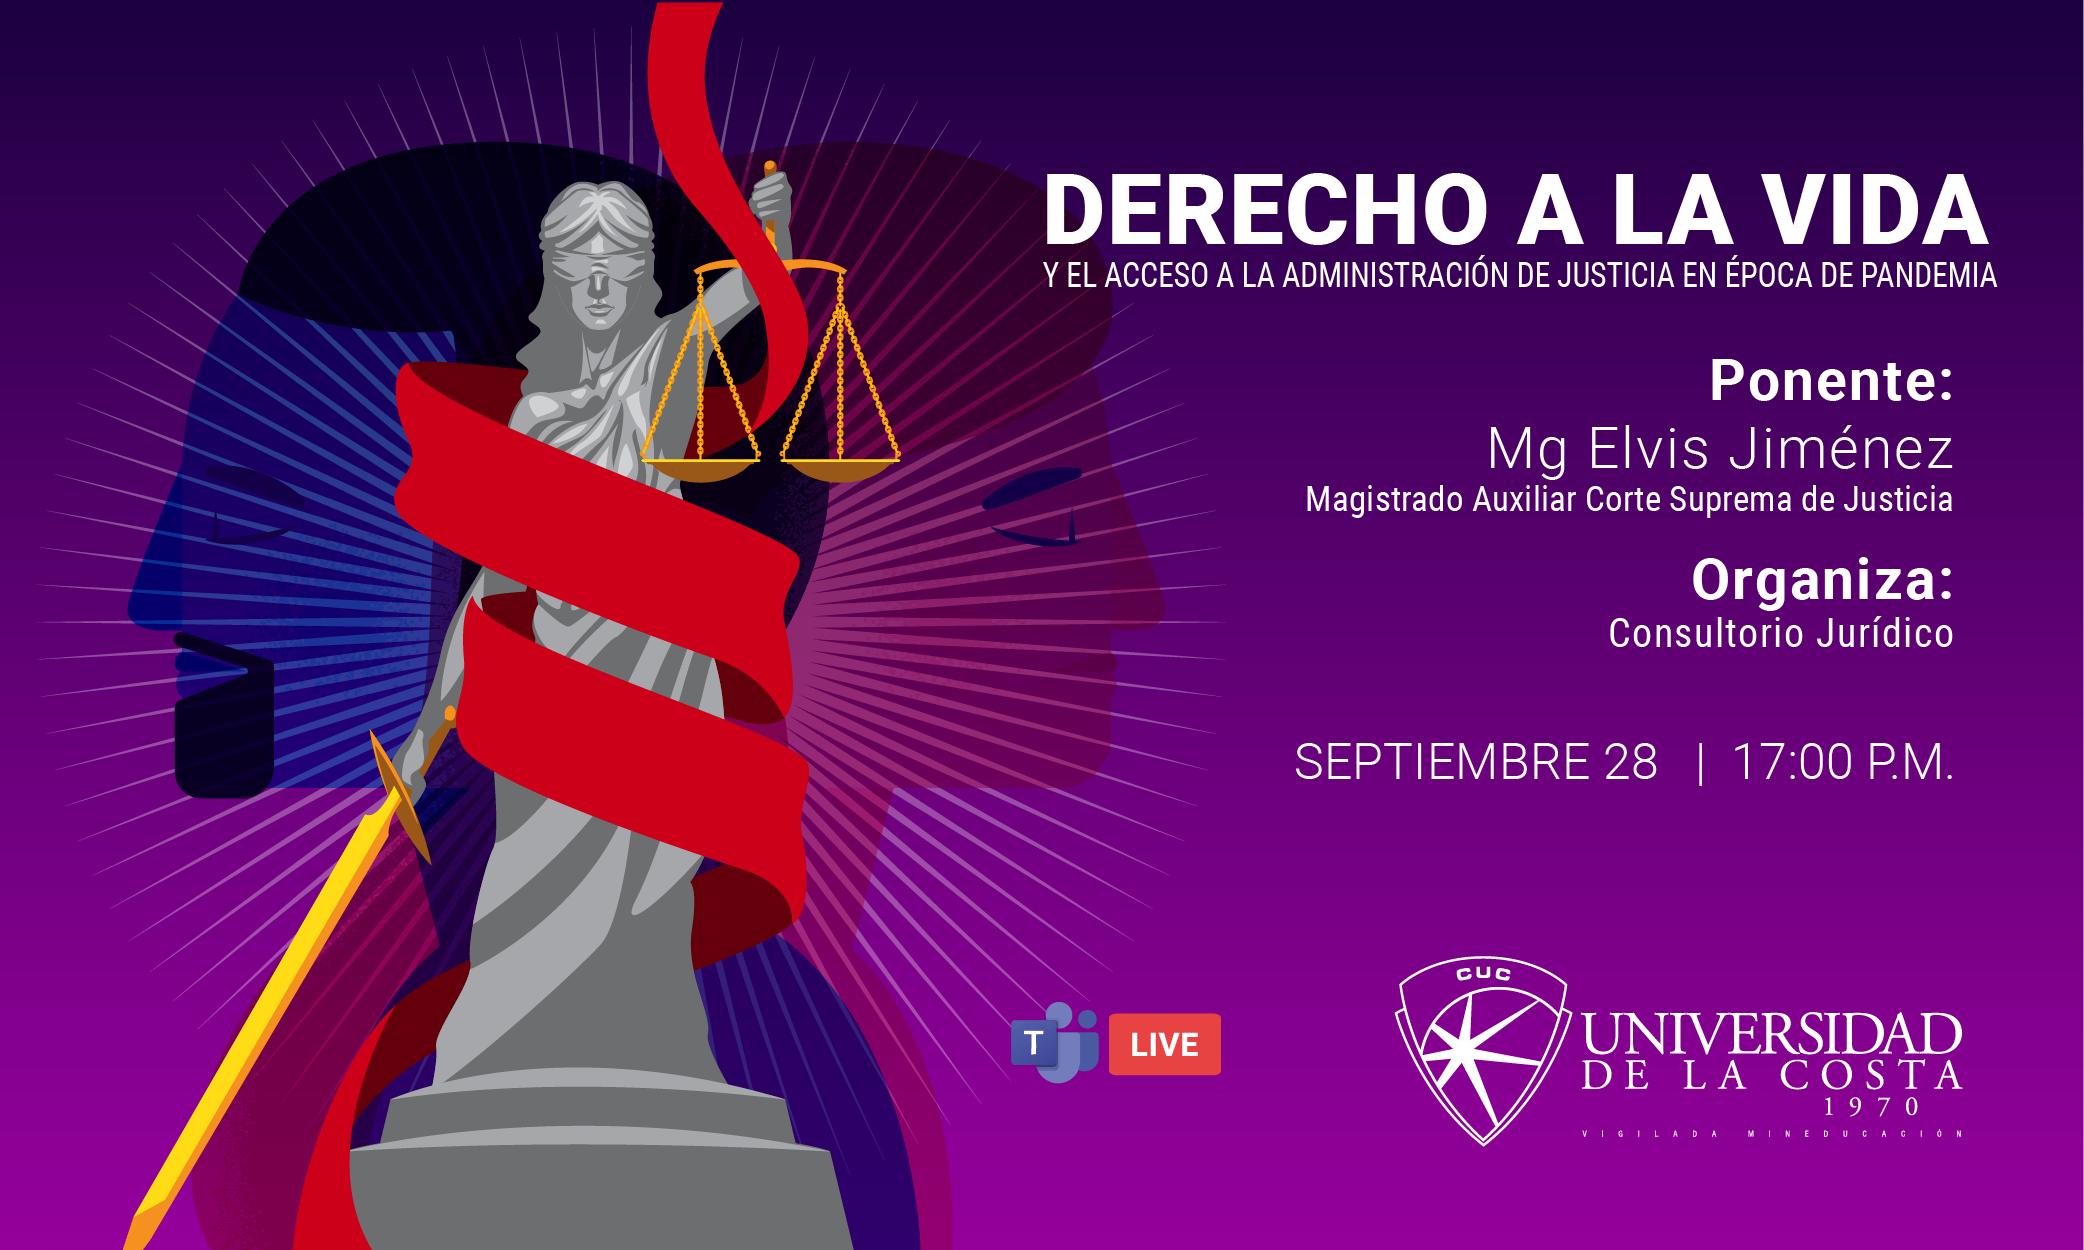 Derecho a la vida y el acceso a la administración de Justicia en época de pandemia